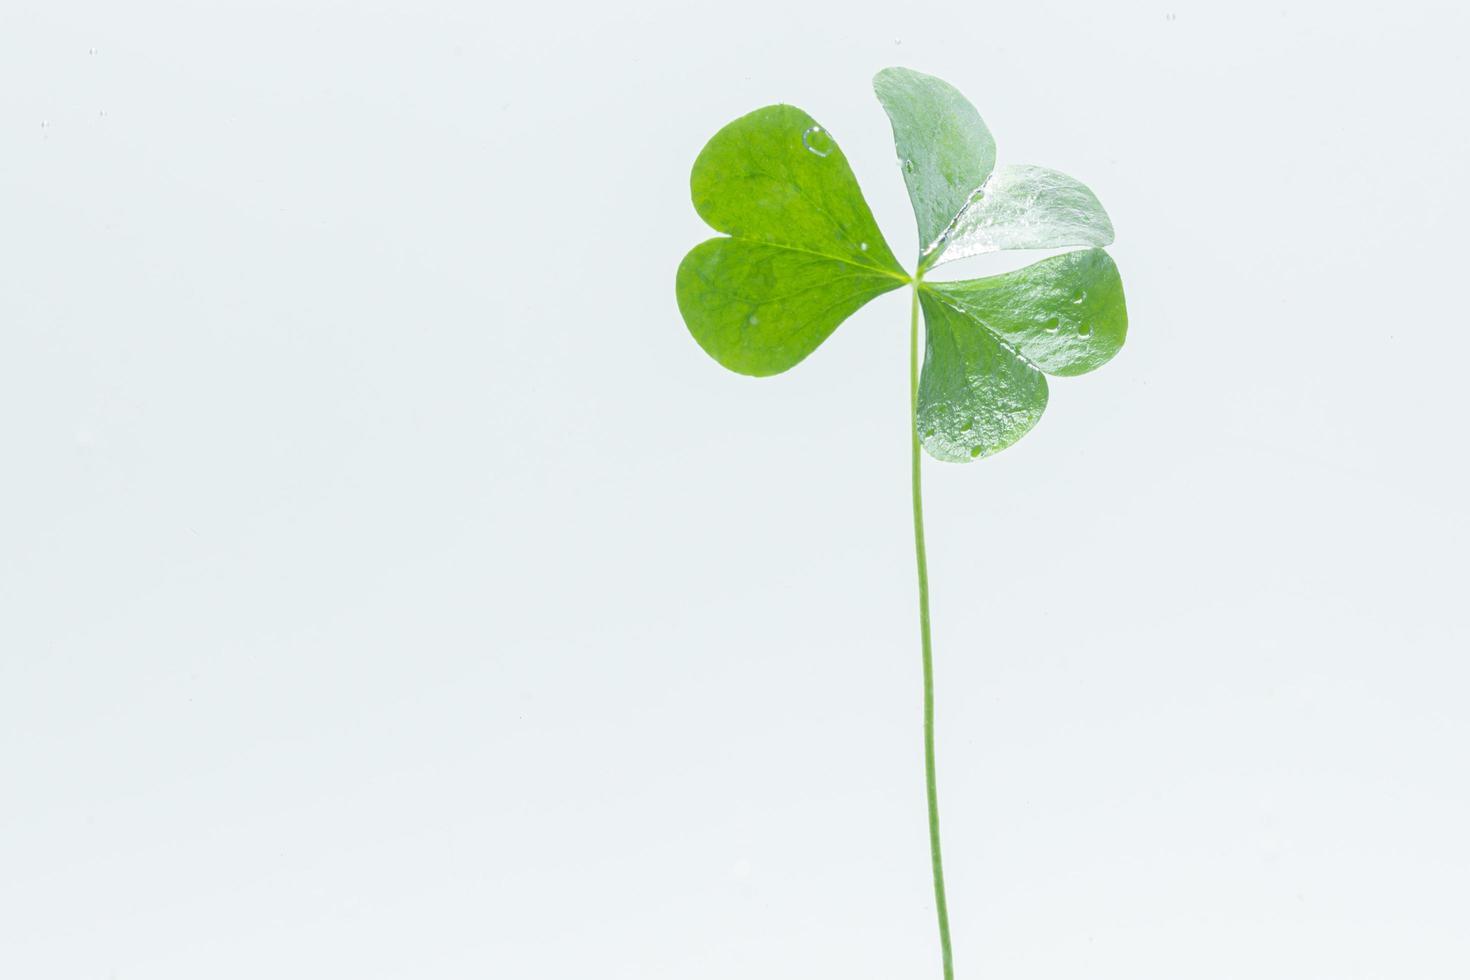 planta verde en el agua foto